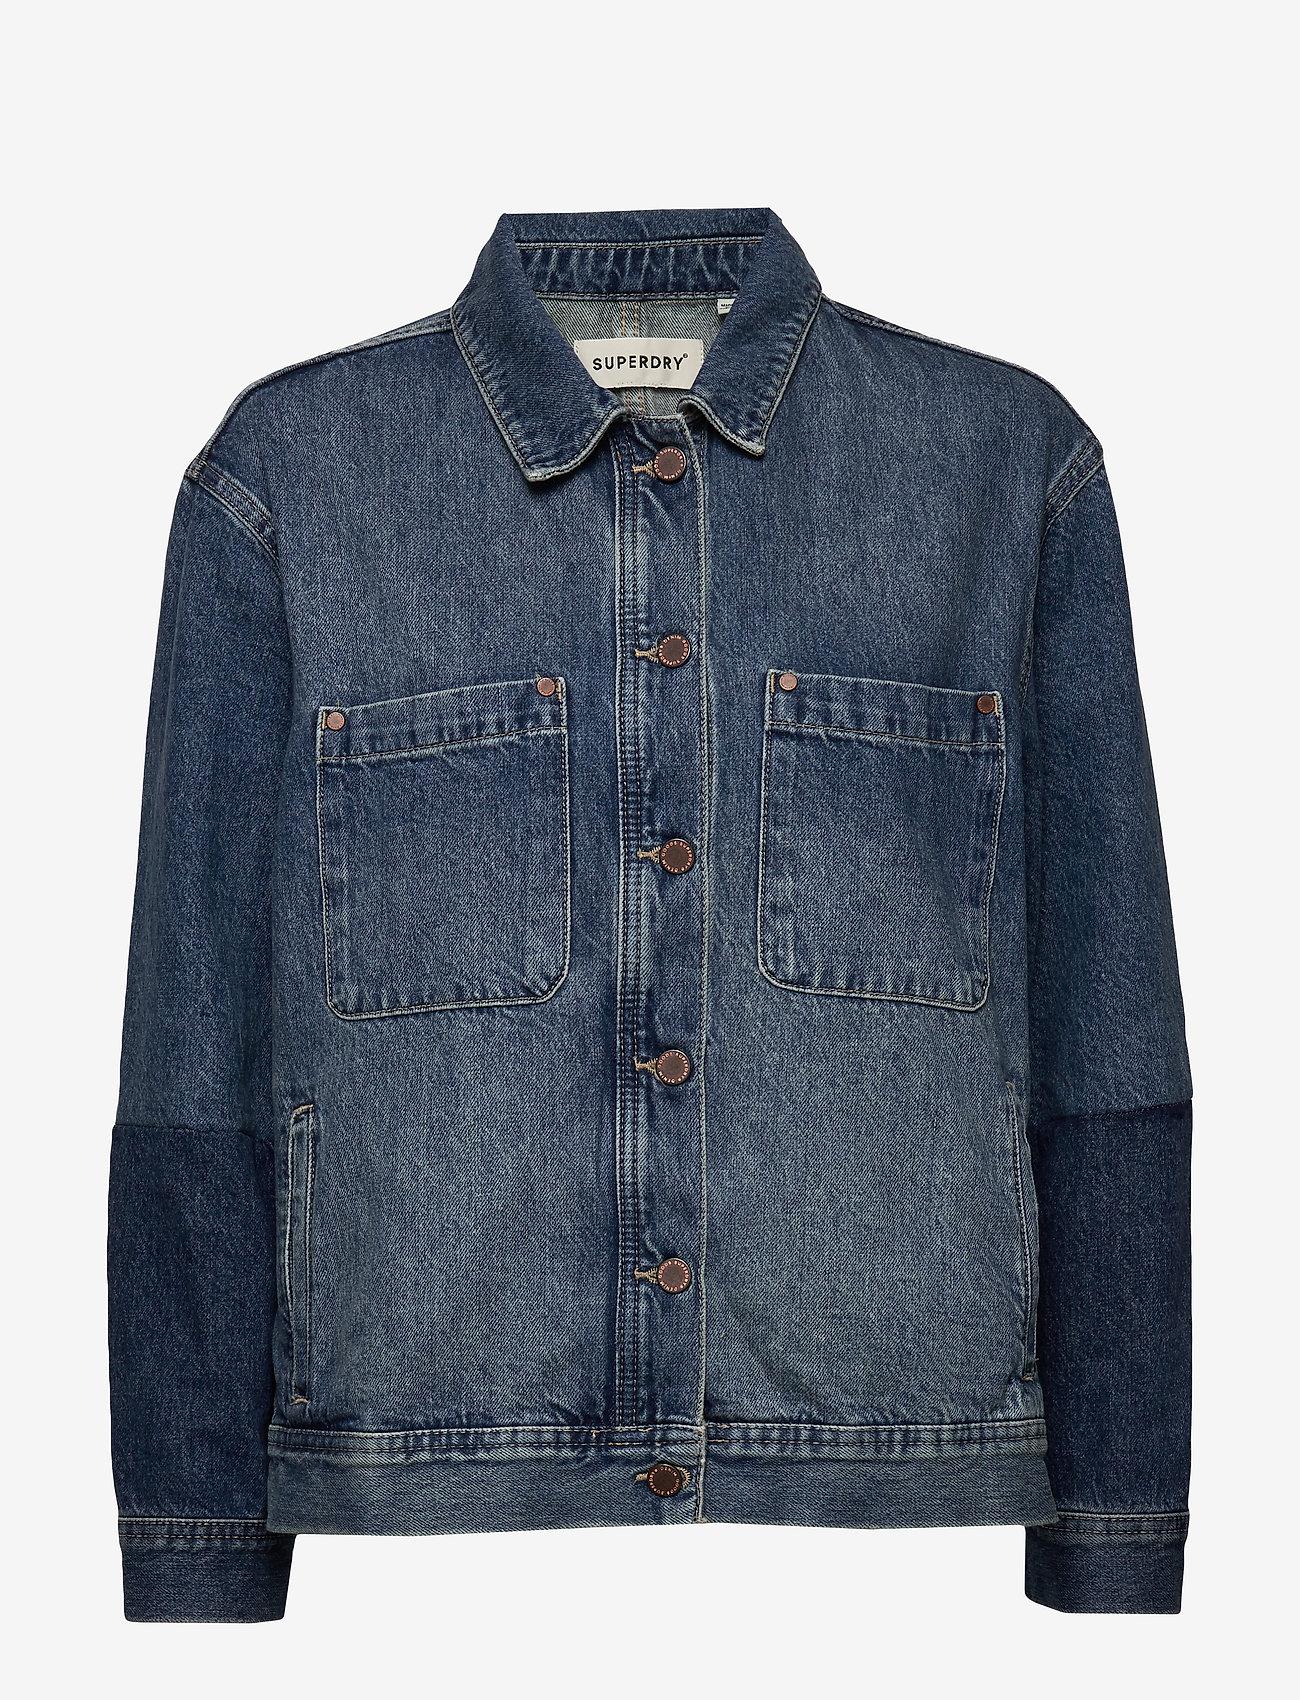 Superdry - WORKER JACKET - denim jackets - denim indigo dark mid - 0